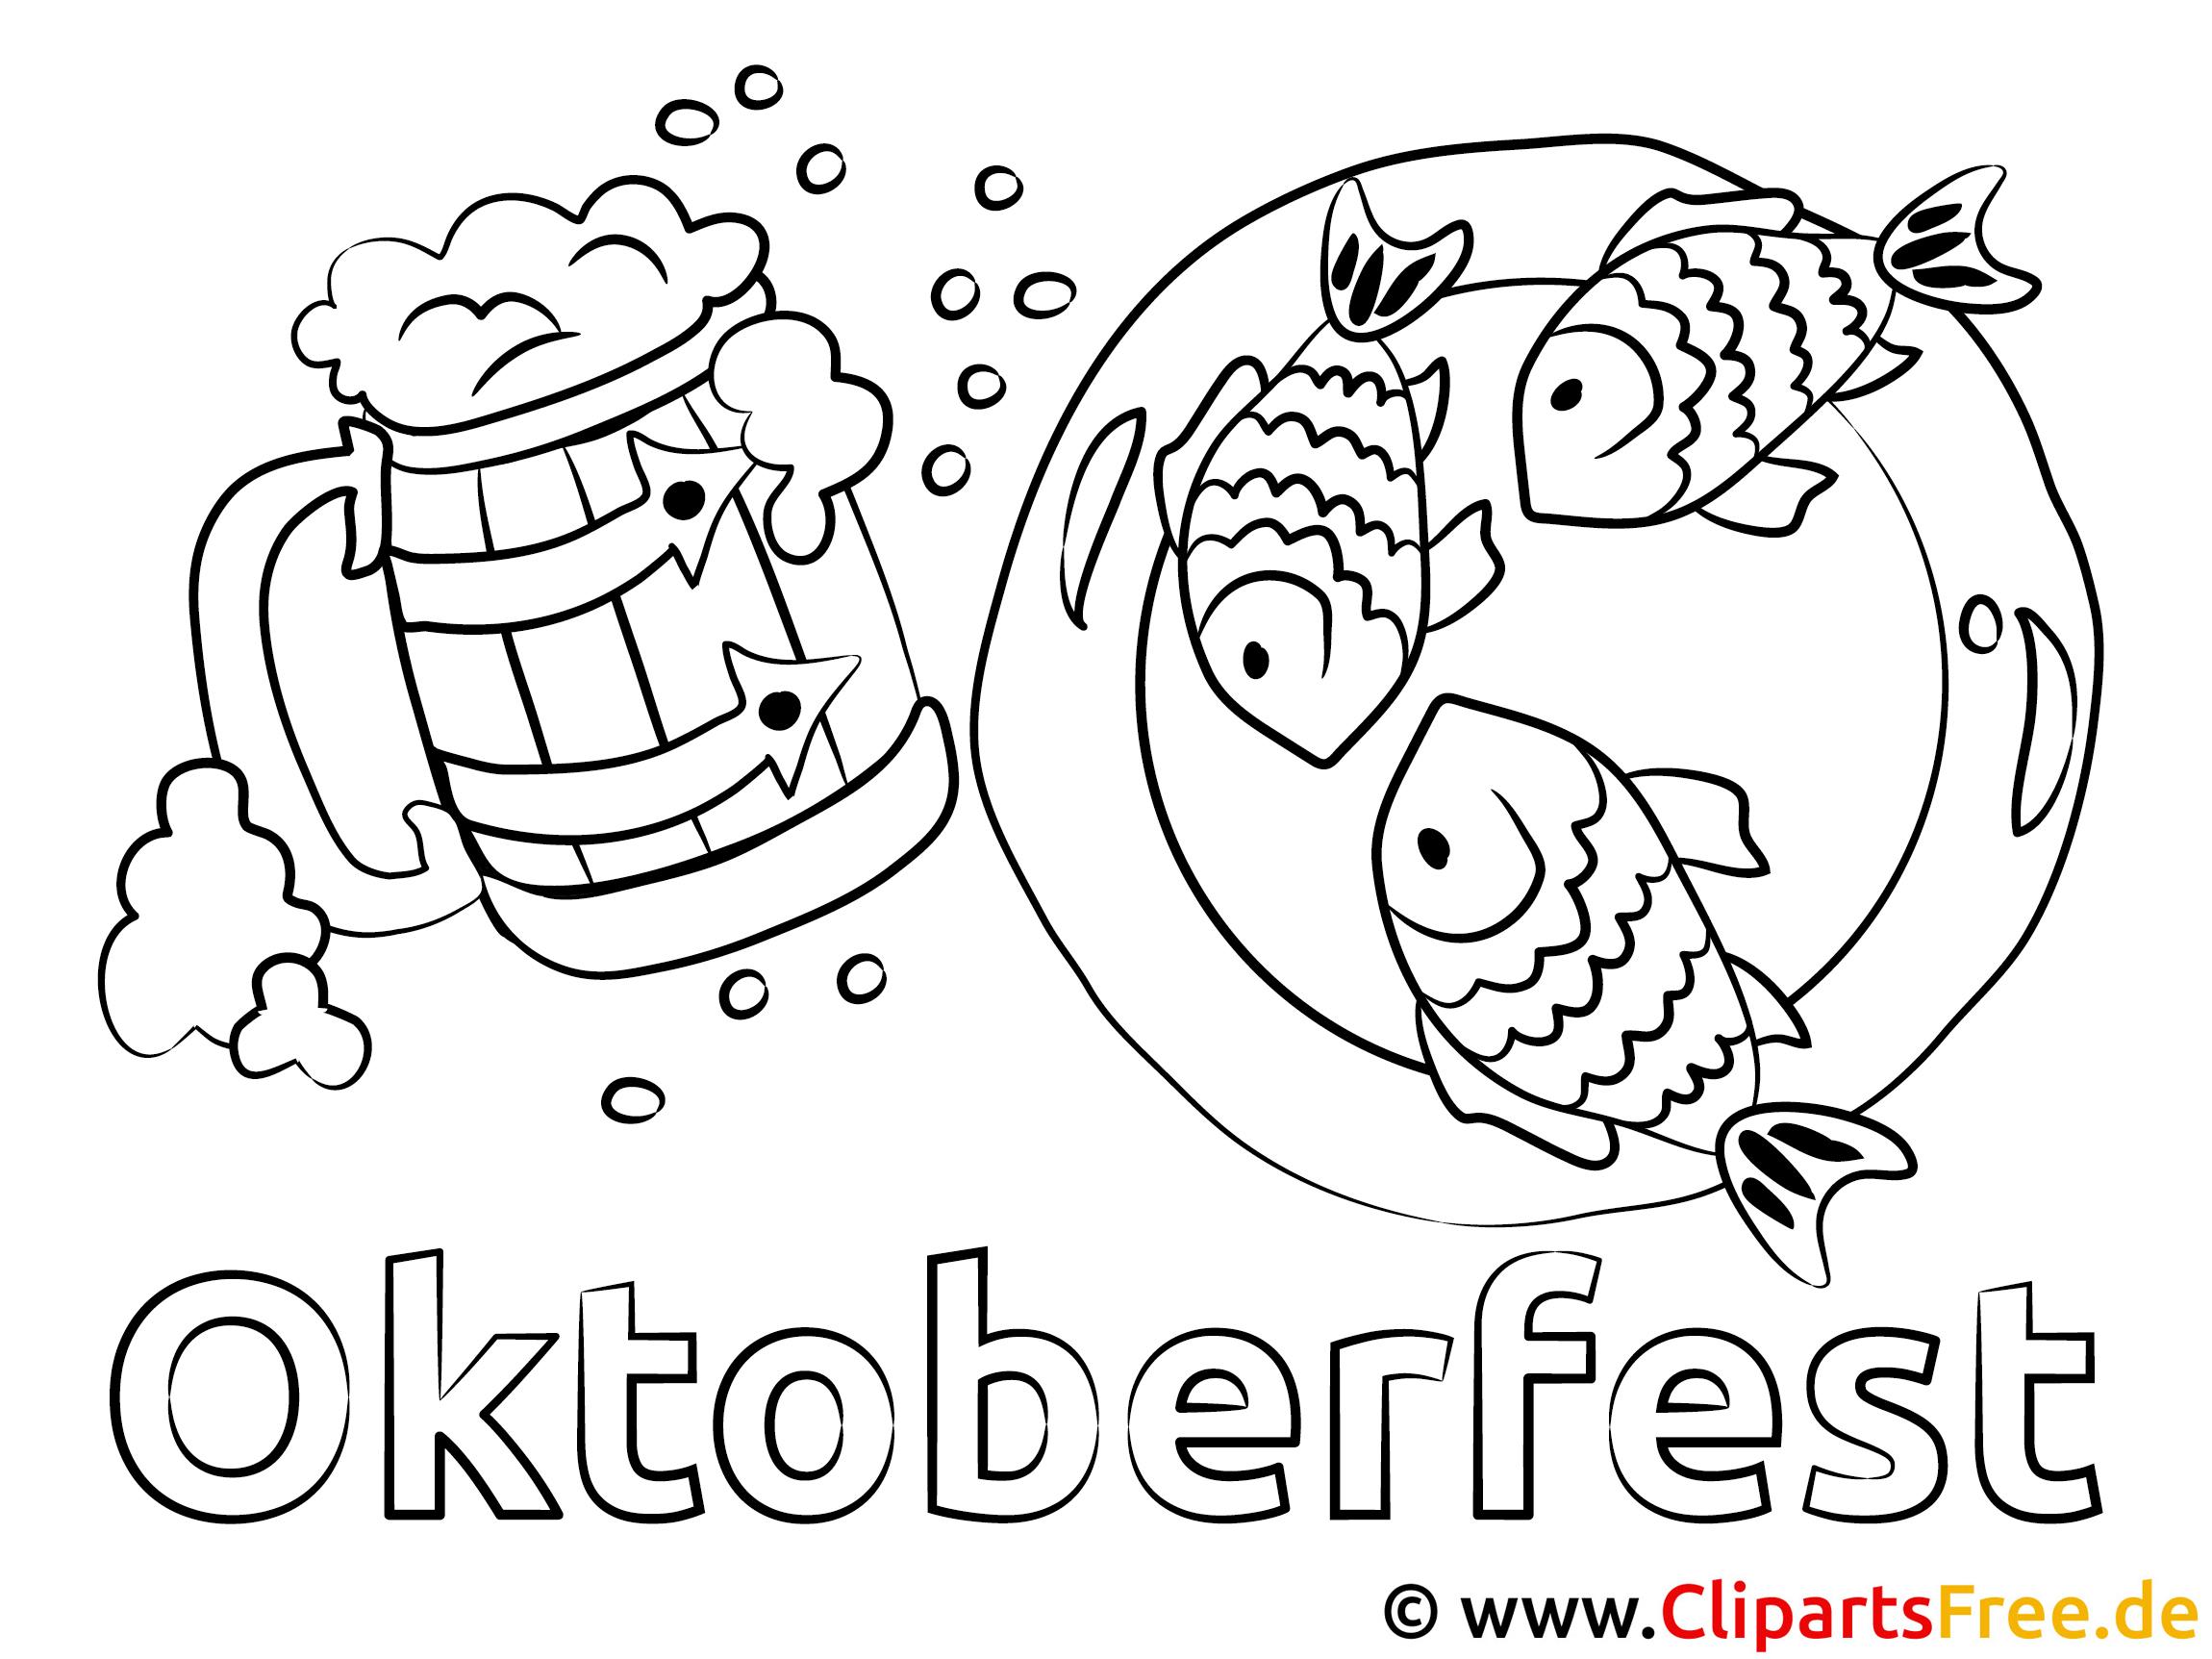 Oktoberfest kostenlose Ausmalbilder